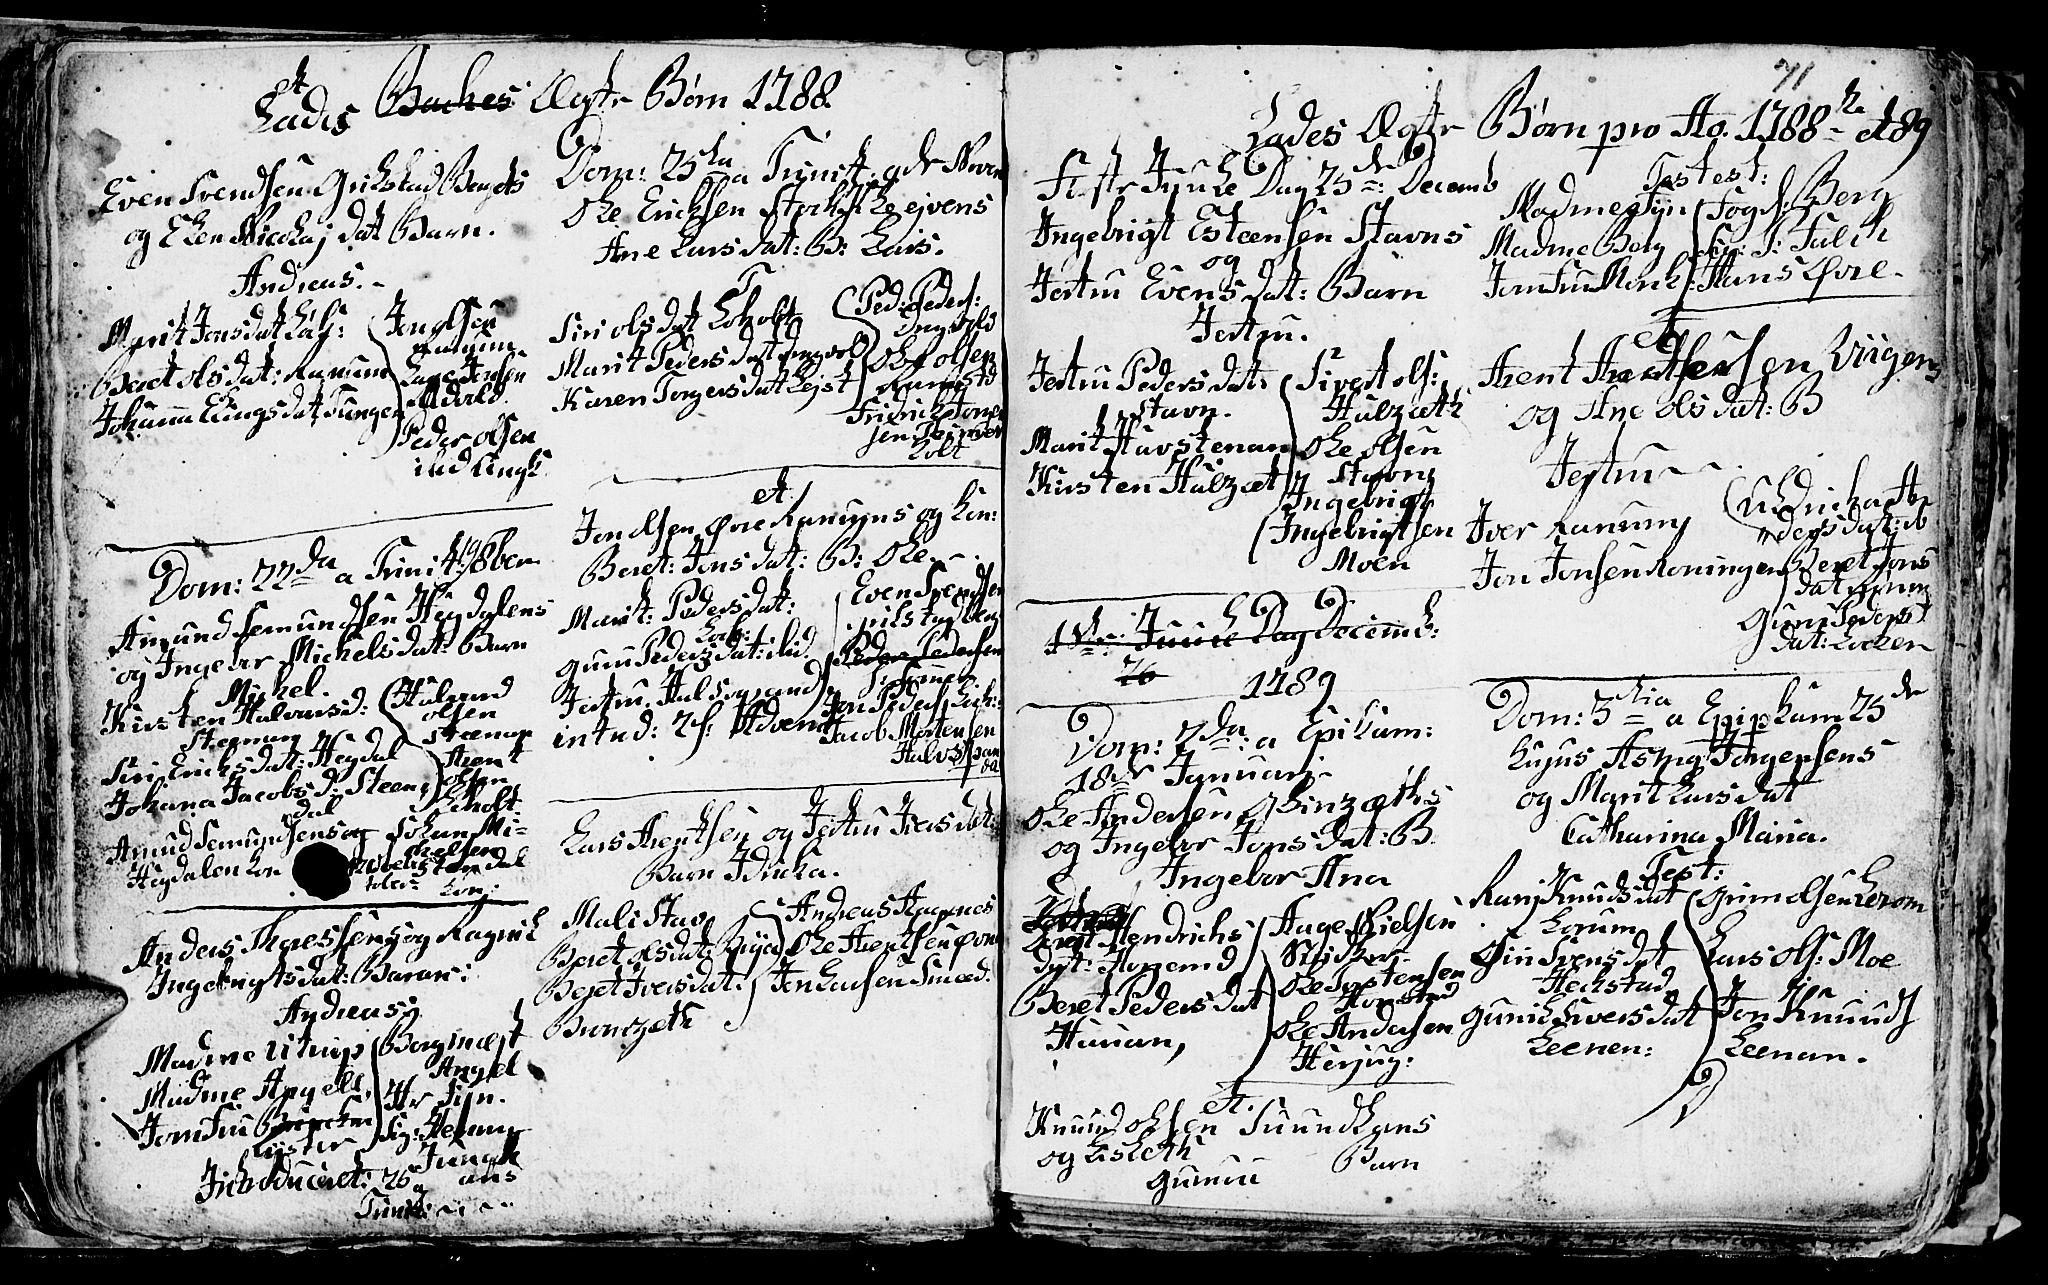 SAT, Ministerialprotokoller, klokkerbøker og fødselsregistre - Sør-Trøndelag, 606/L0305: Klokkerbok nr. 606C01, 1757-1819, s. 71